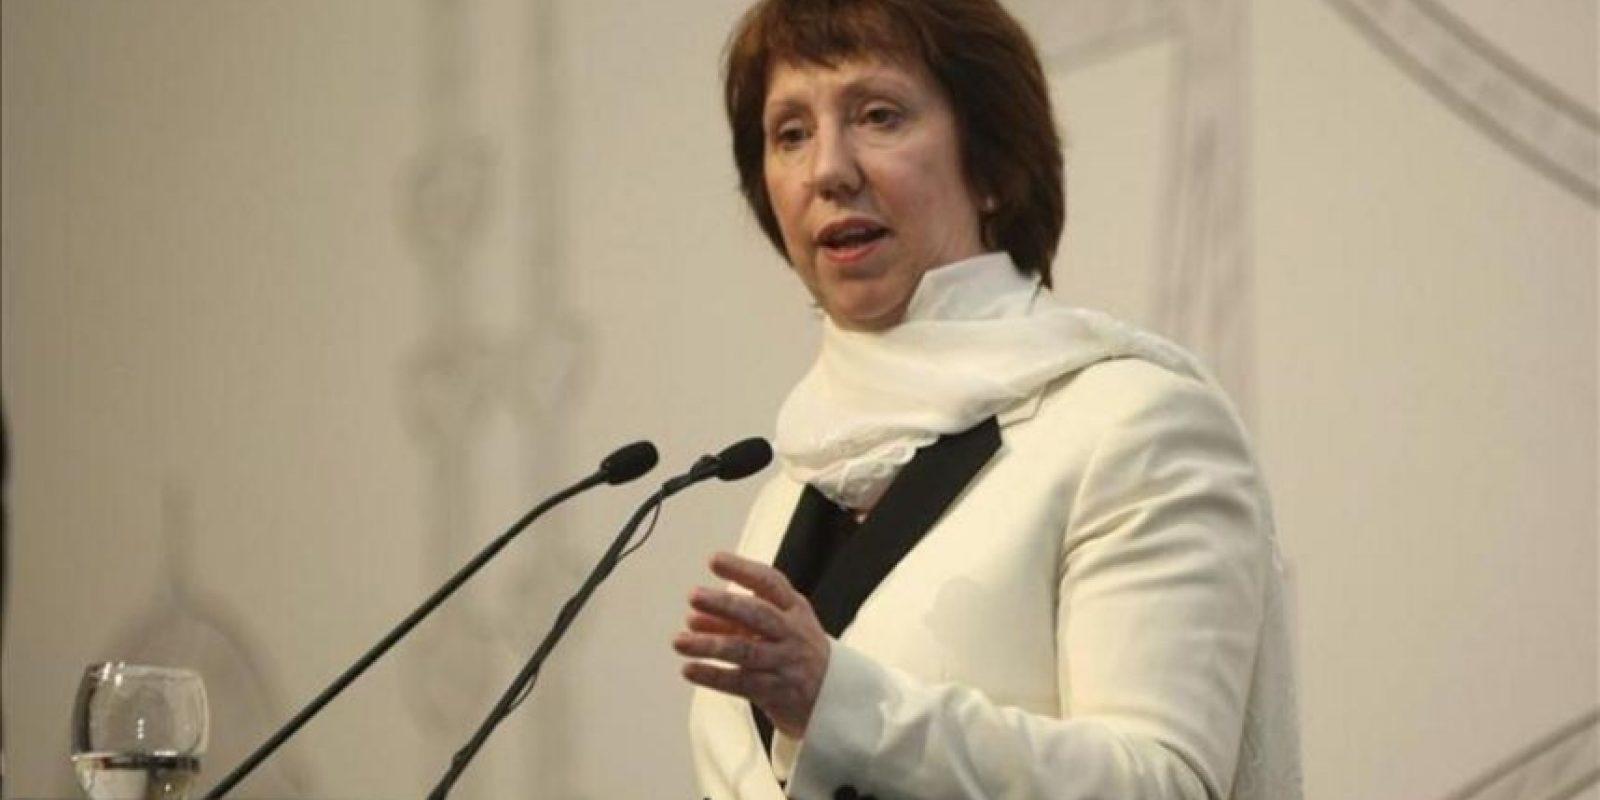 La alta representante para Asuntos Exteriores de la Unión Europea (UE), Catherine Ashton, durante la conferencia celebrada en Estambul hoy sobre el programa nuclear de Irán. EFE